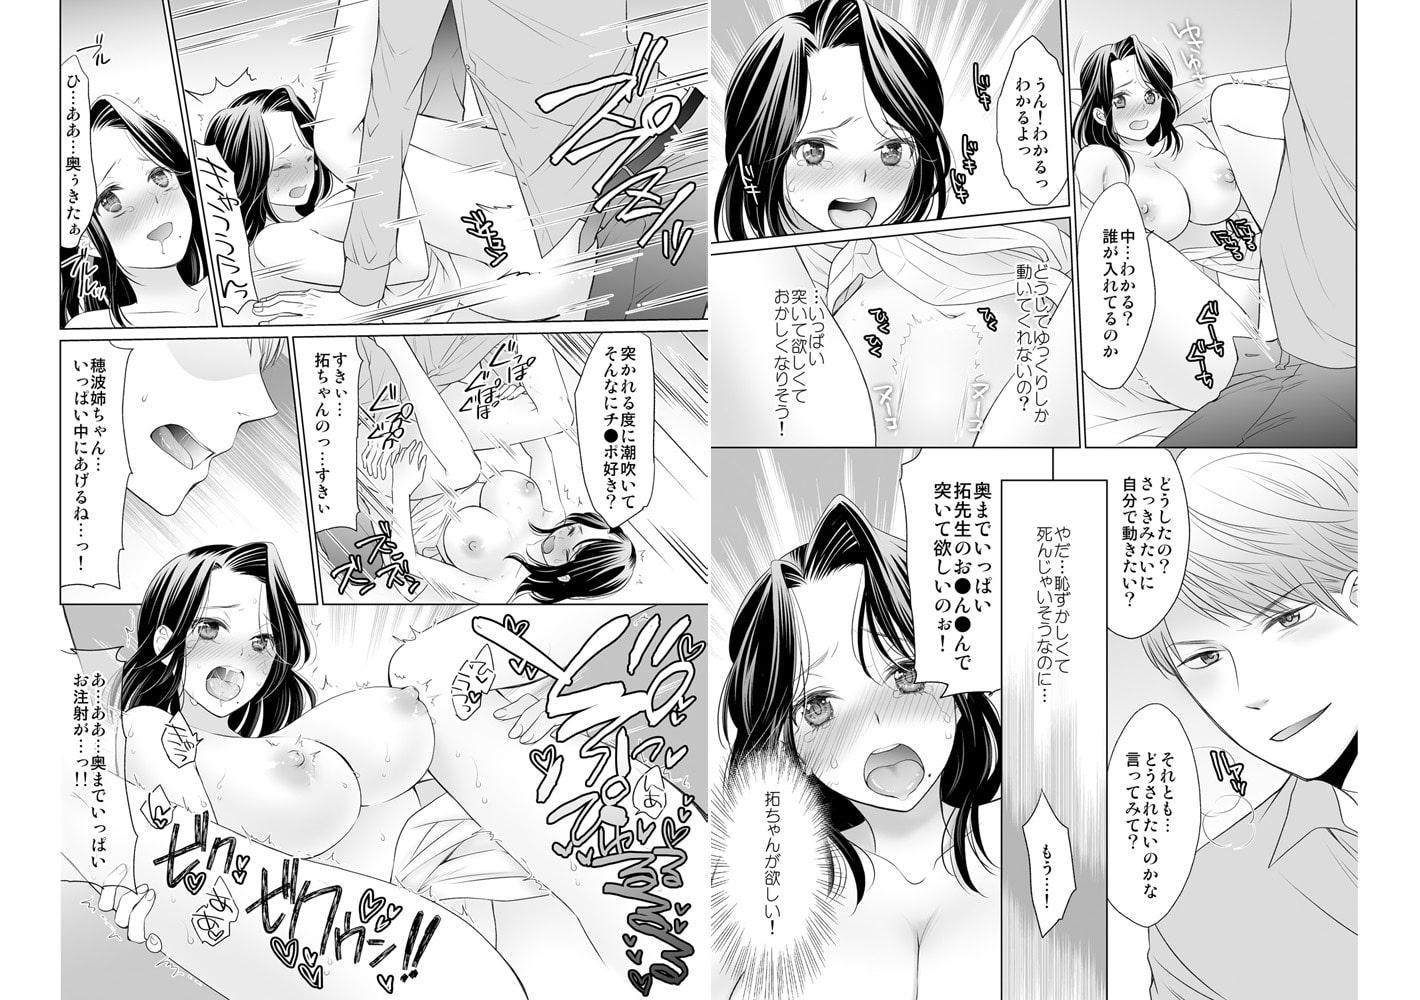 オトナのお医者さんごっこ~おっぱいの先に聴診器当てちゃダメェ!~ 4巻